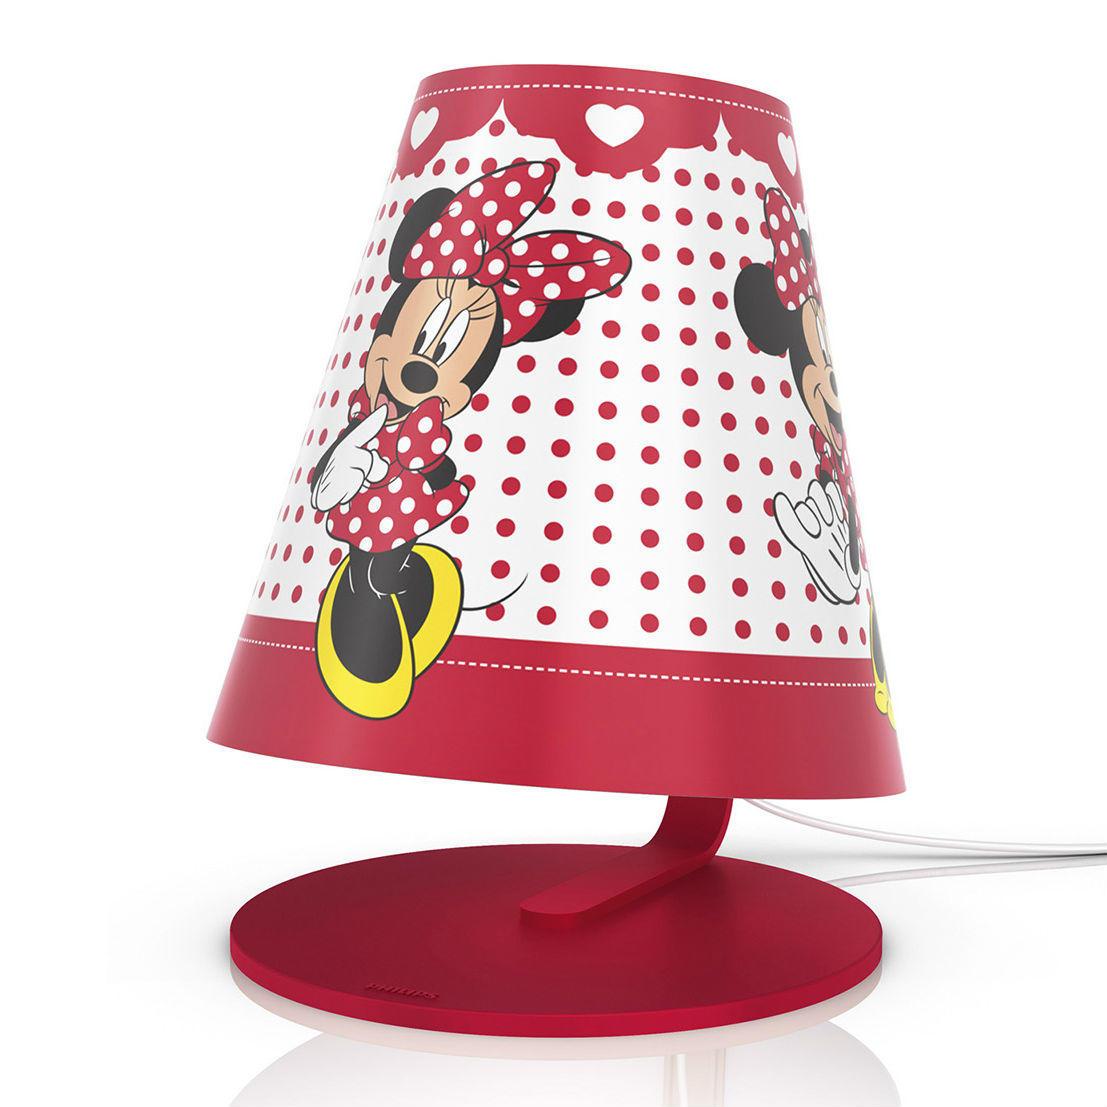 Lampe De Led Chevet Mouse H24cmÀ Disney Poser Minnie W9YEH2DI